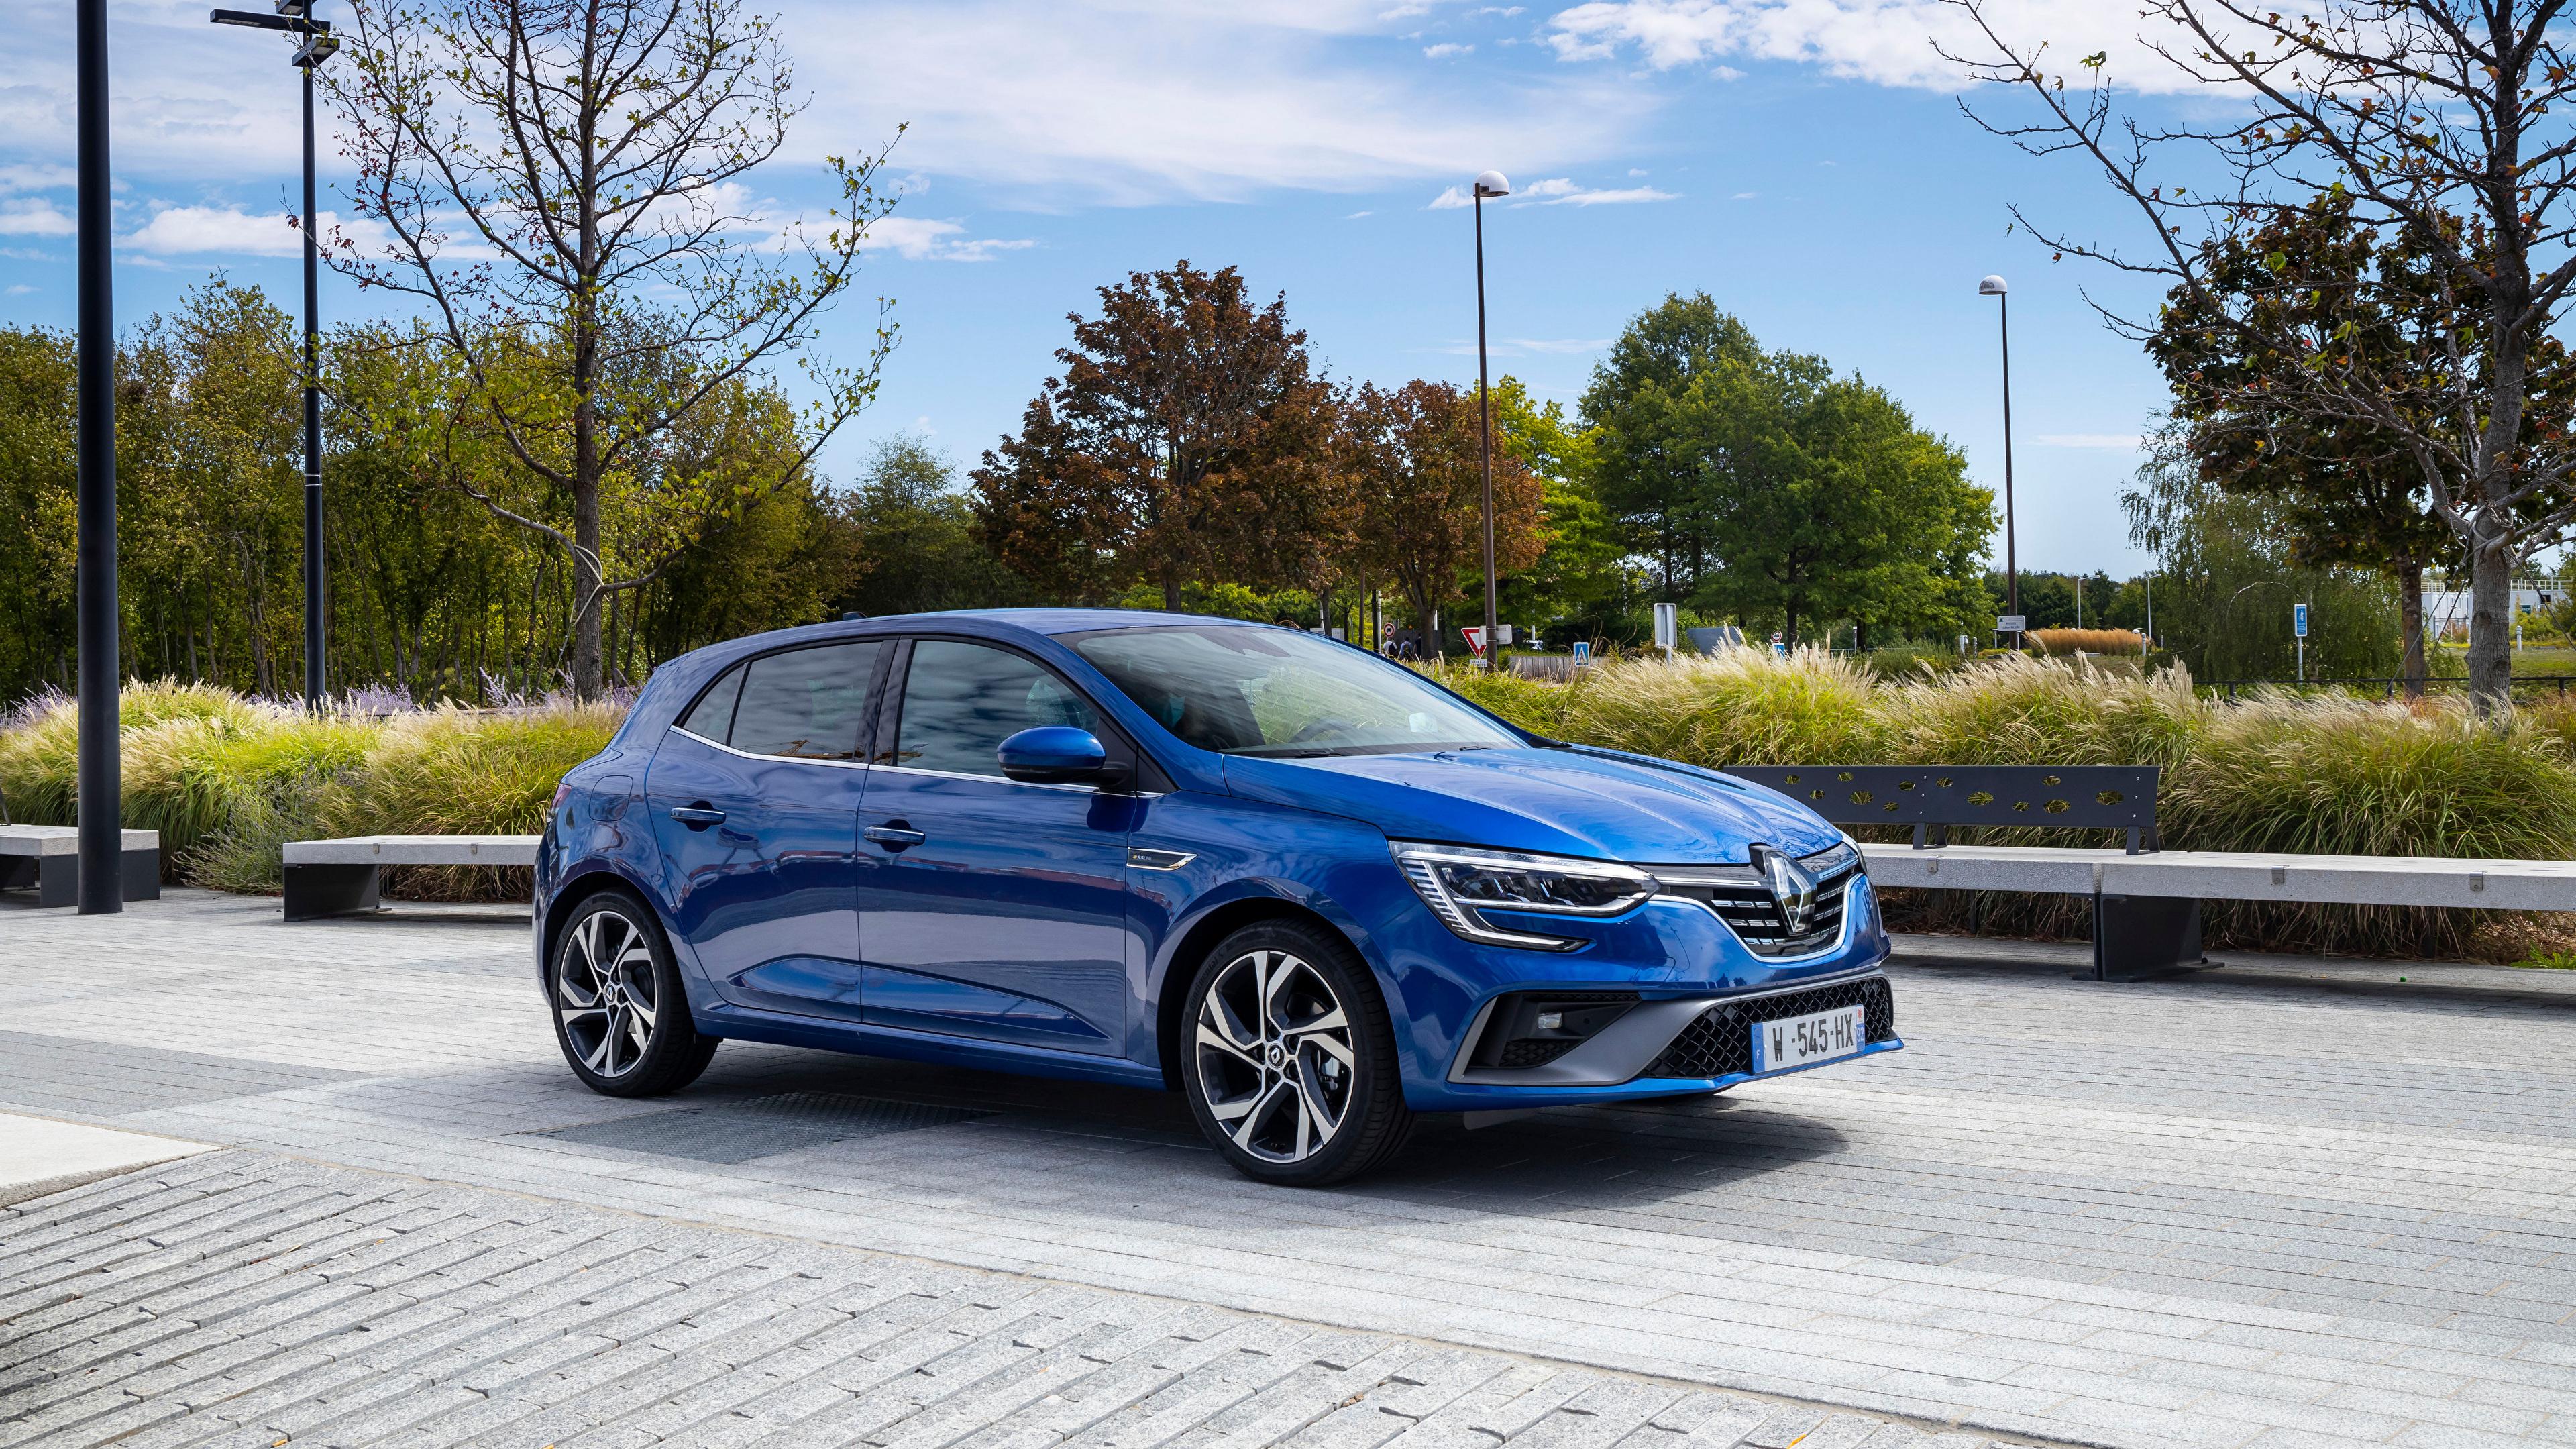 Фотография Renault Megane R.S. Line, 2020 синих Металлик Автомобили 3840x2160 Рено синяя синие Синий авто машины машина автомобиль